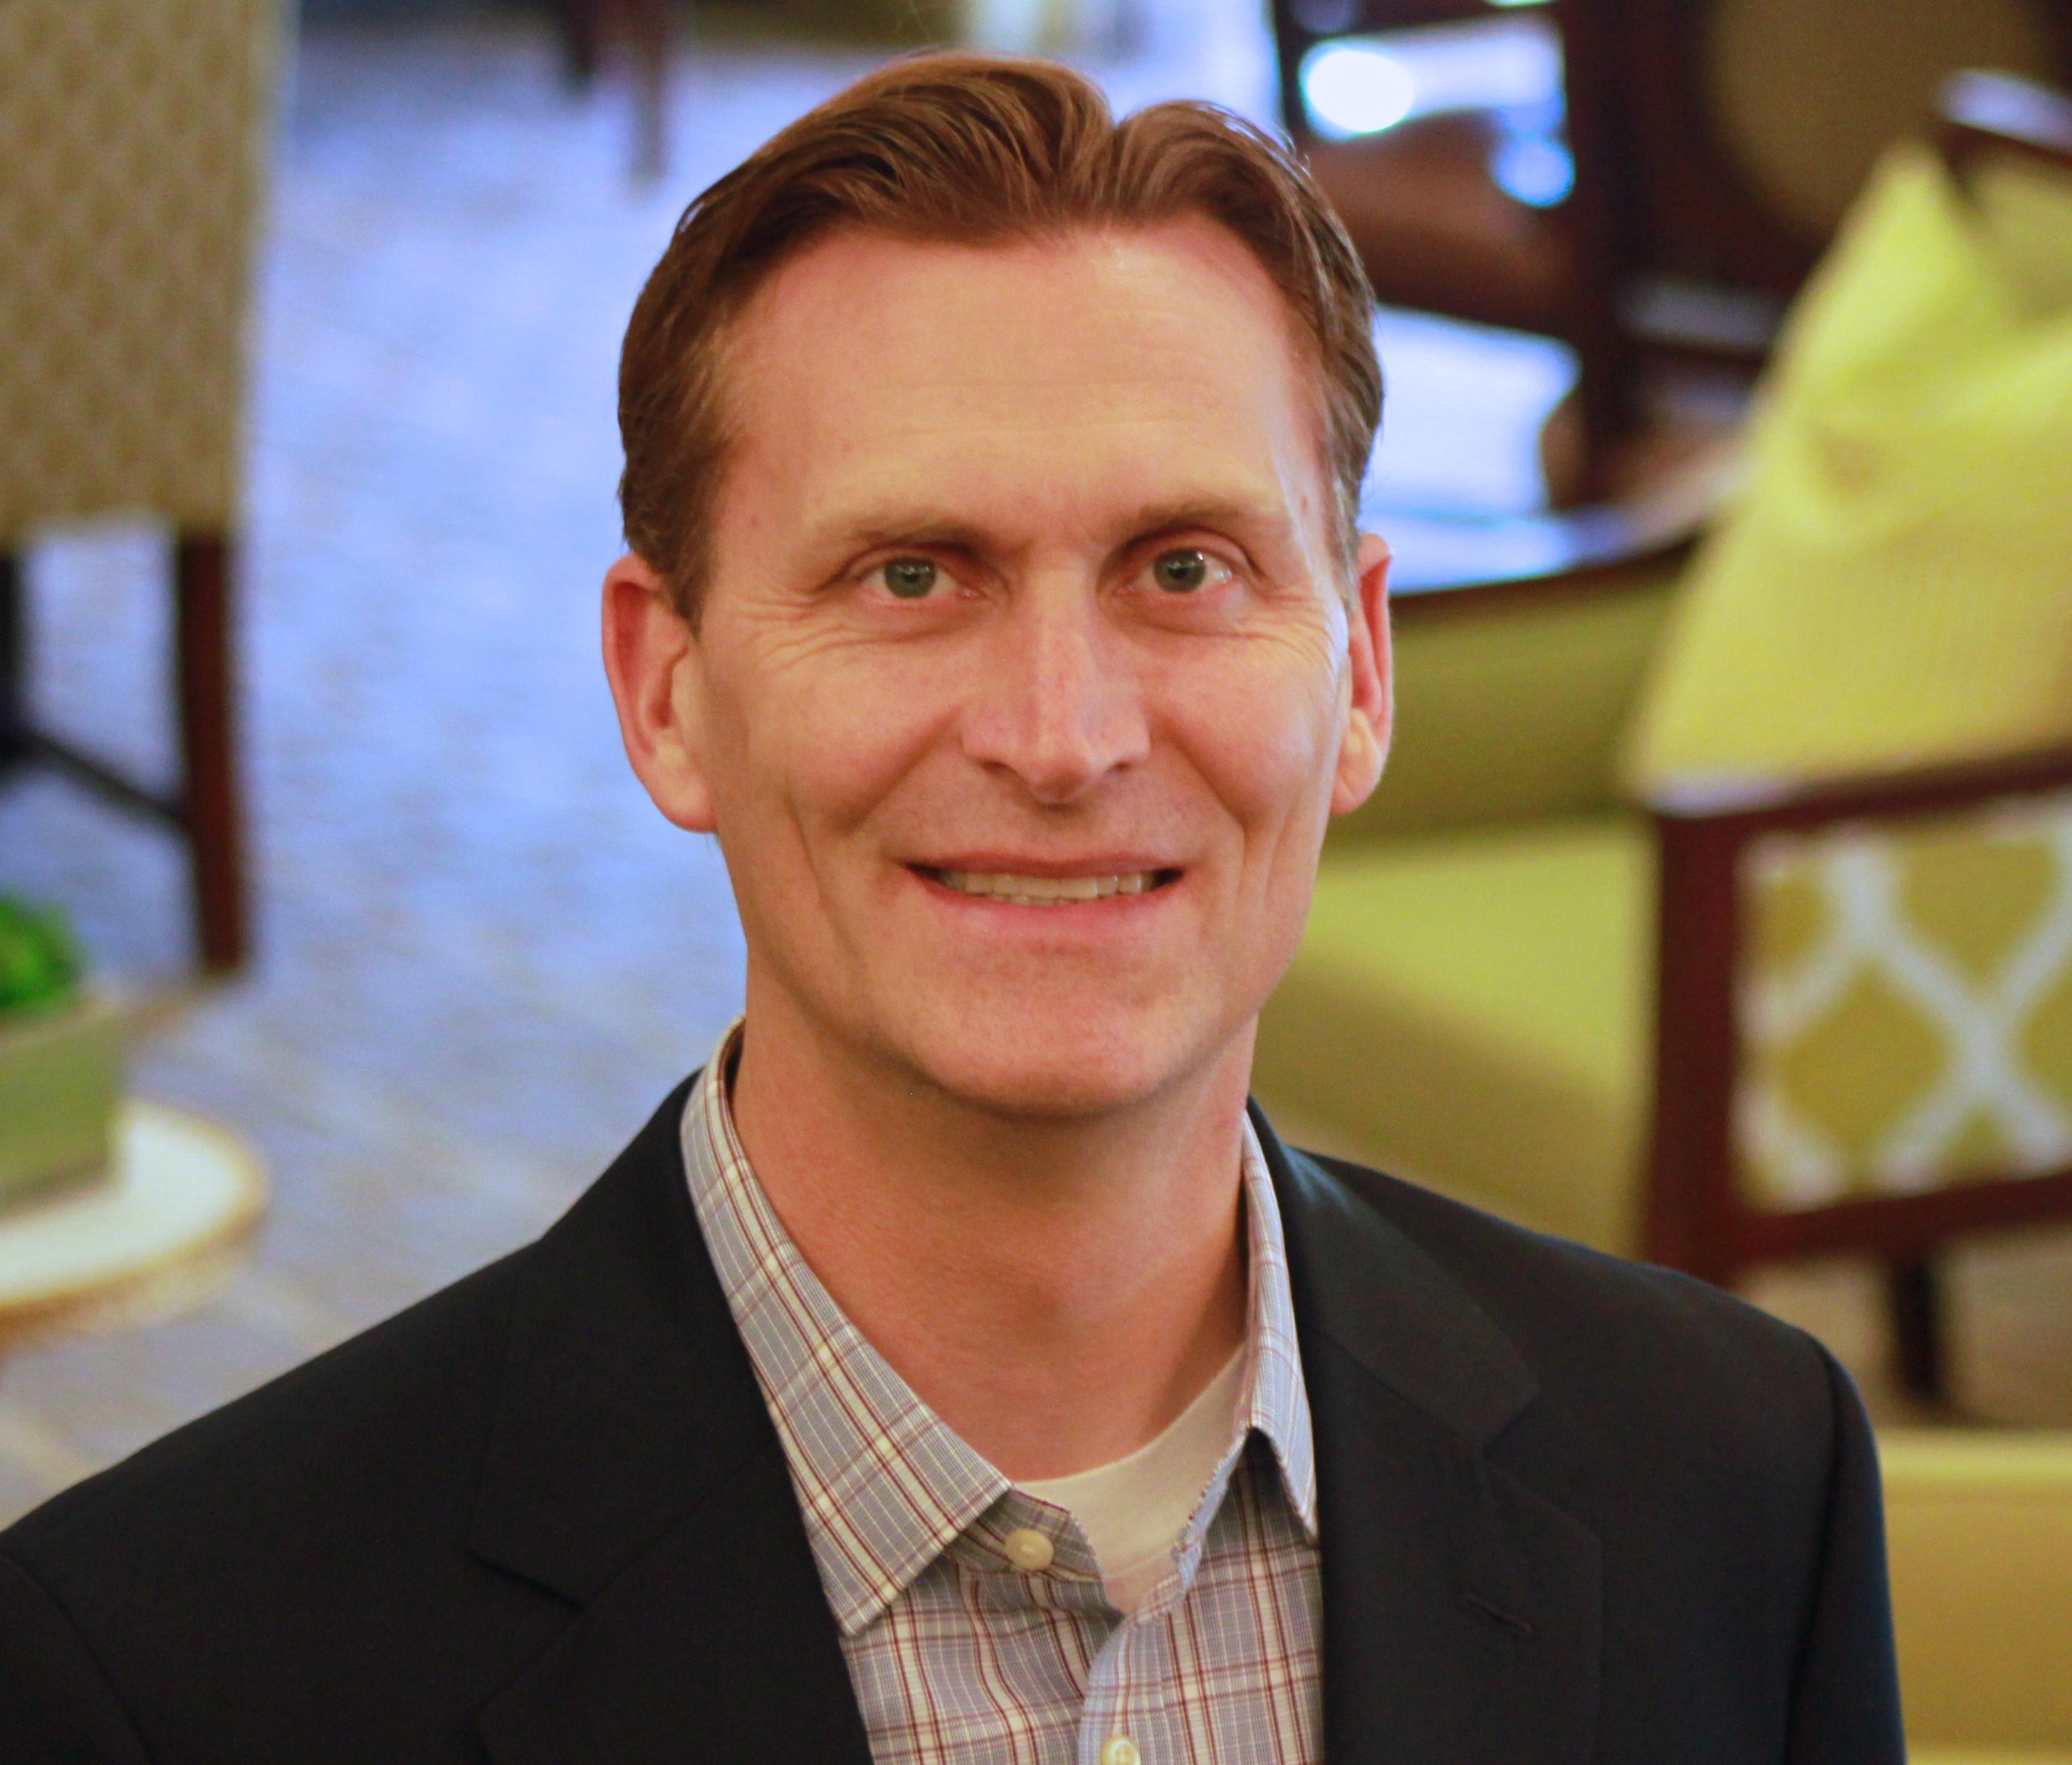 Todd Clyde